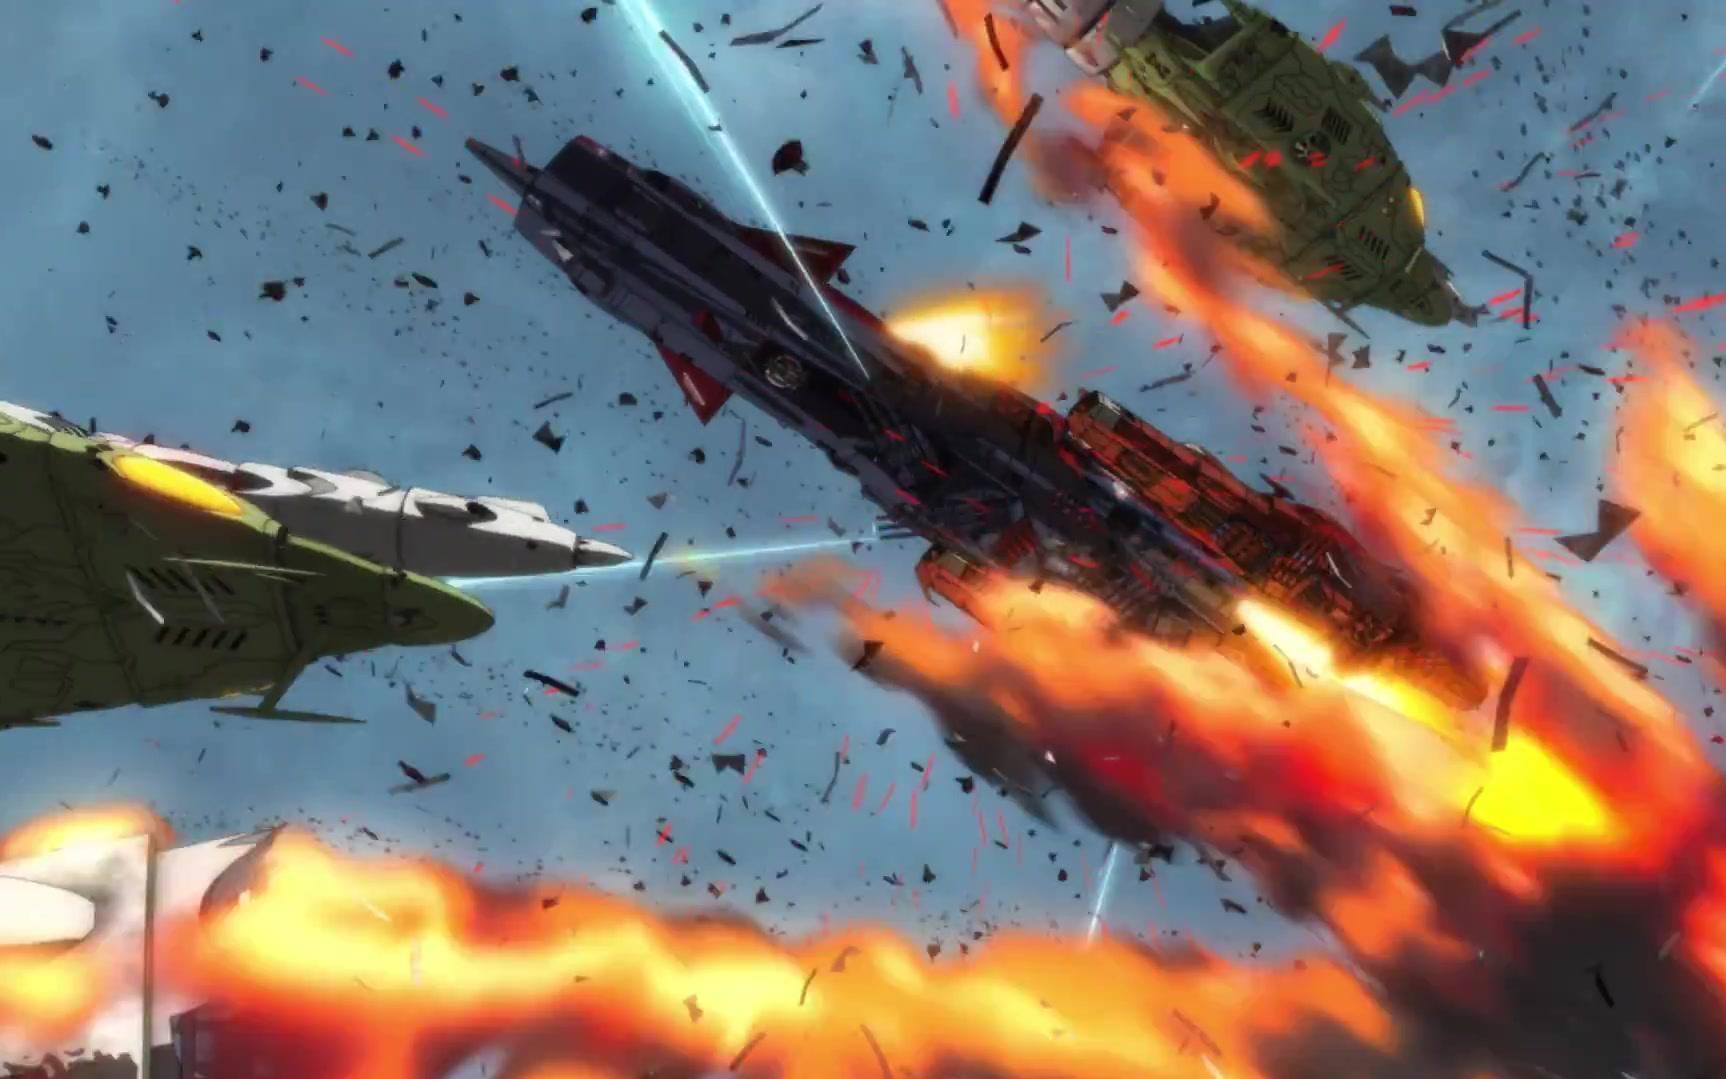 宇宙戰艦大和號2202_視頻在線觀看-愛奇藝搜索